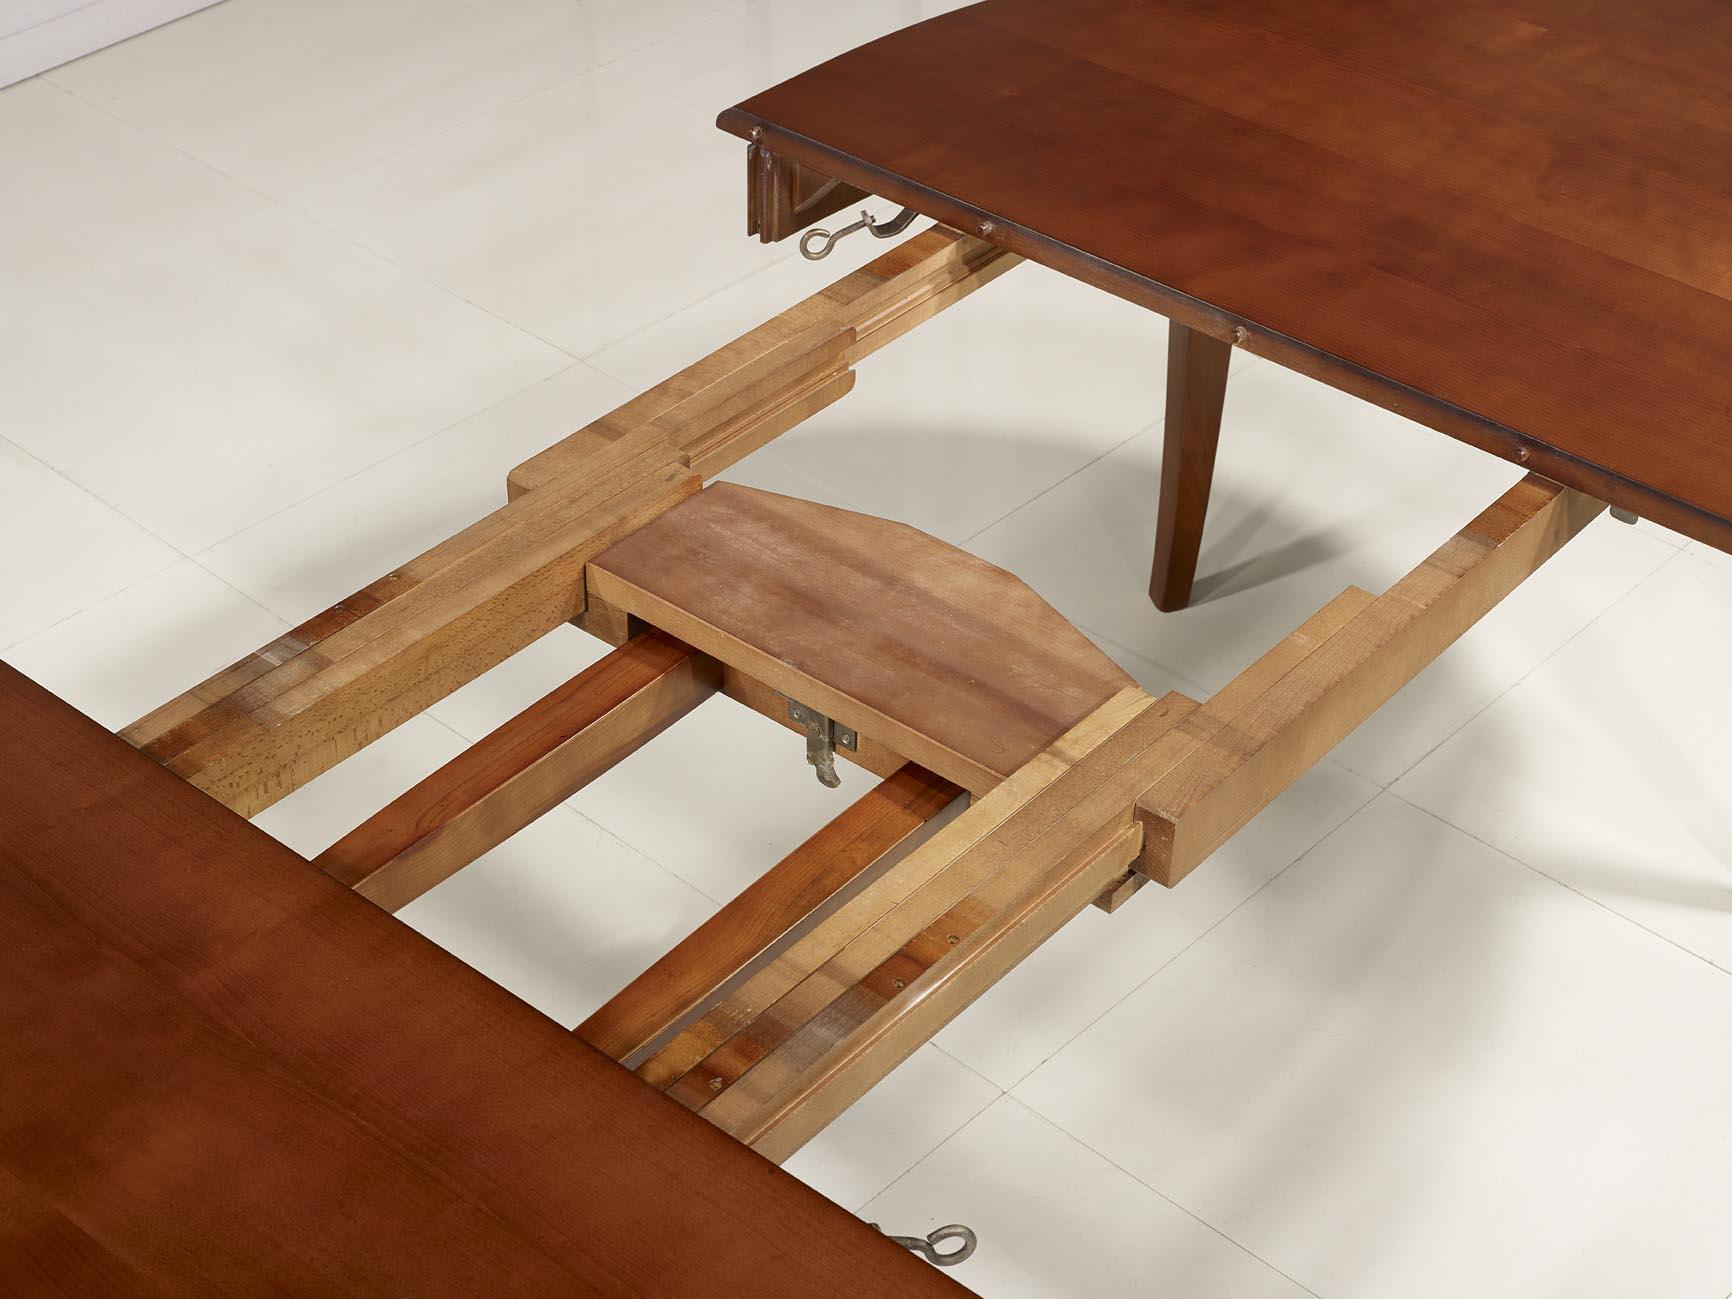 Table ovale de salle manger estelle en merisier massif for Table de salle a manger 4 metres